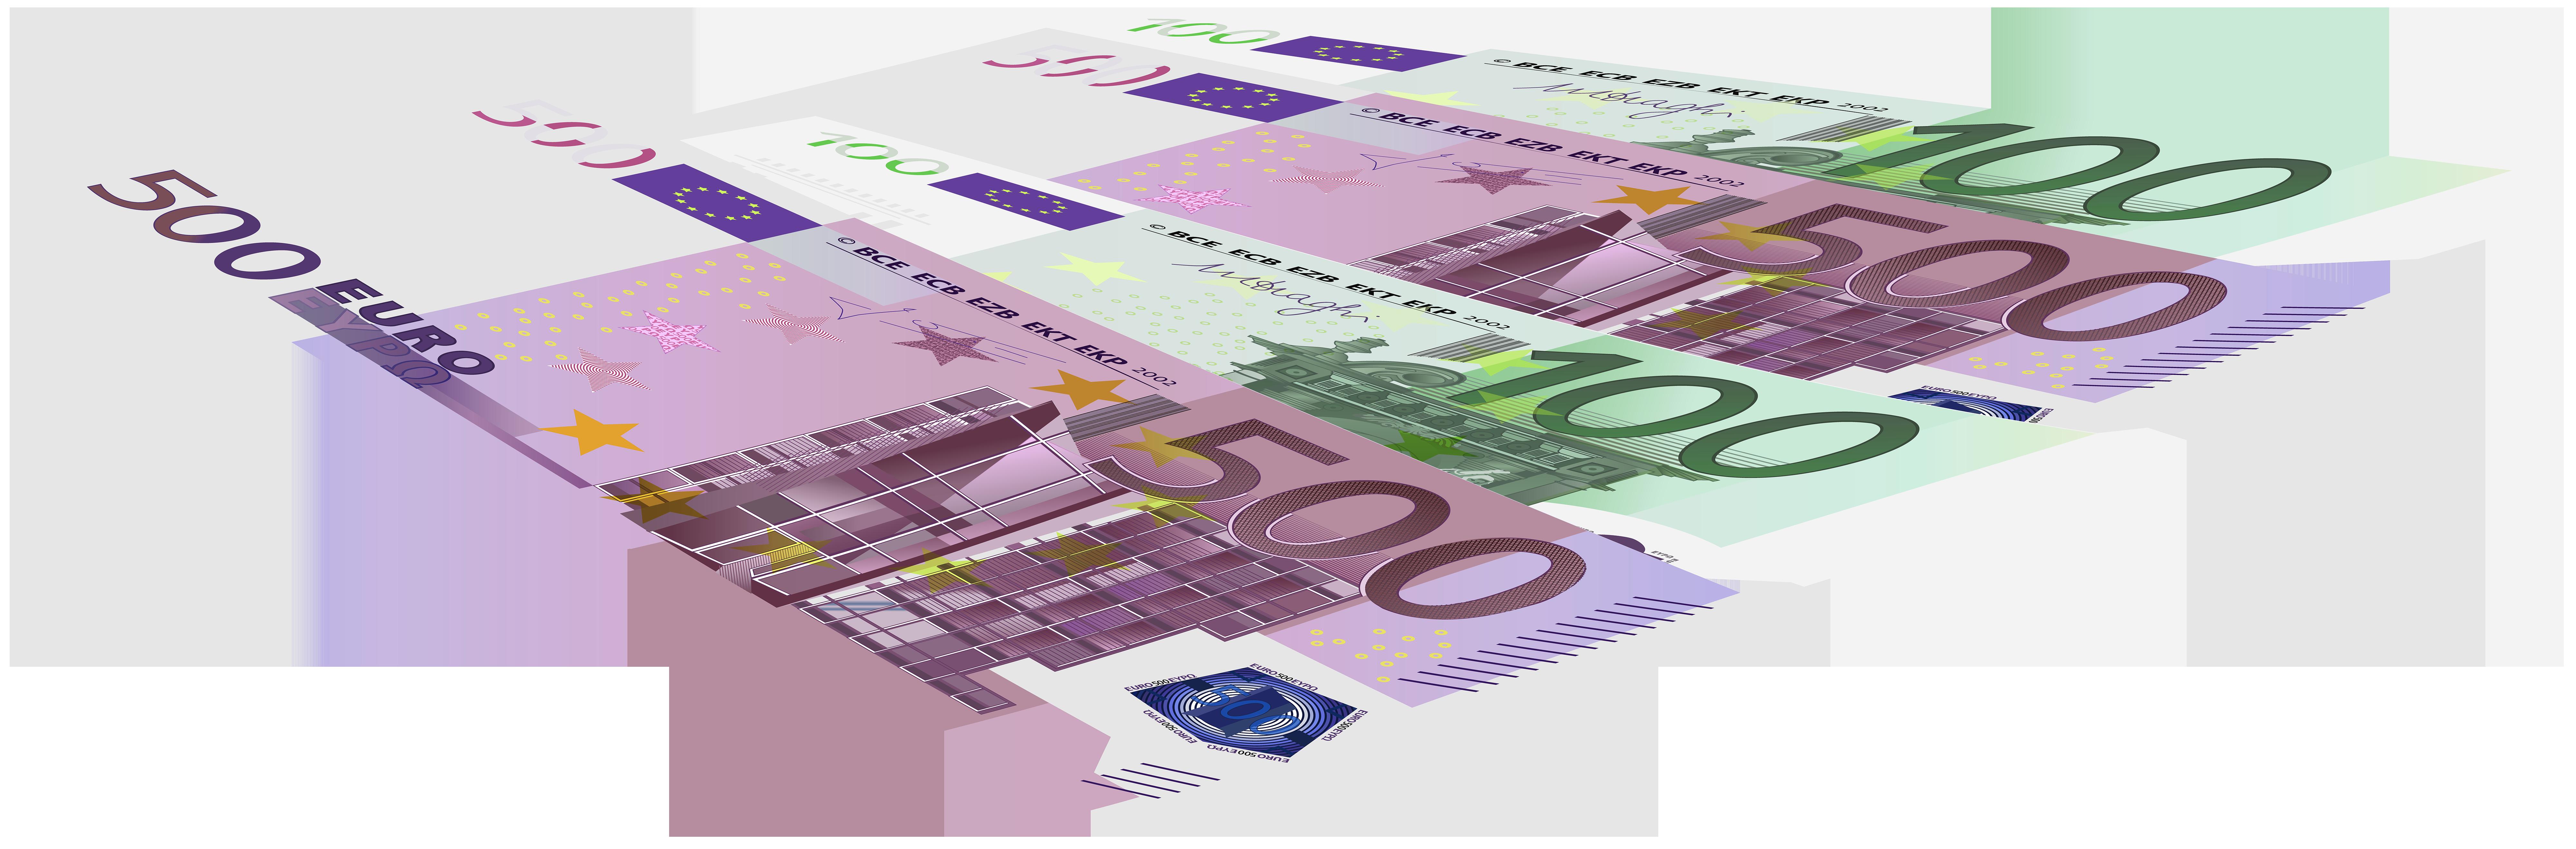 Euro Banknotes PNG Clip Art Image.